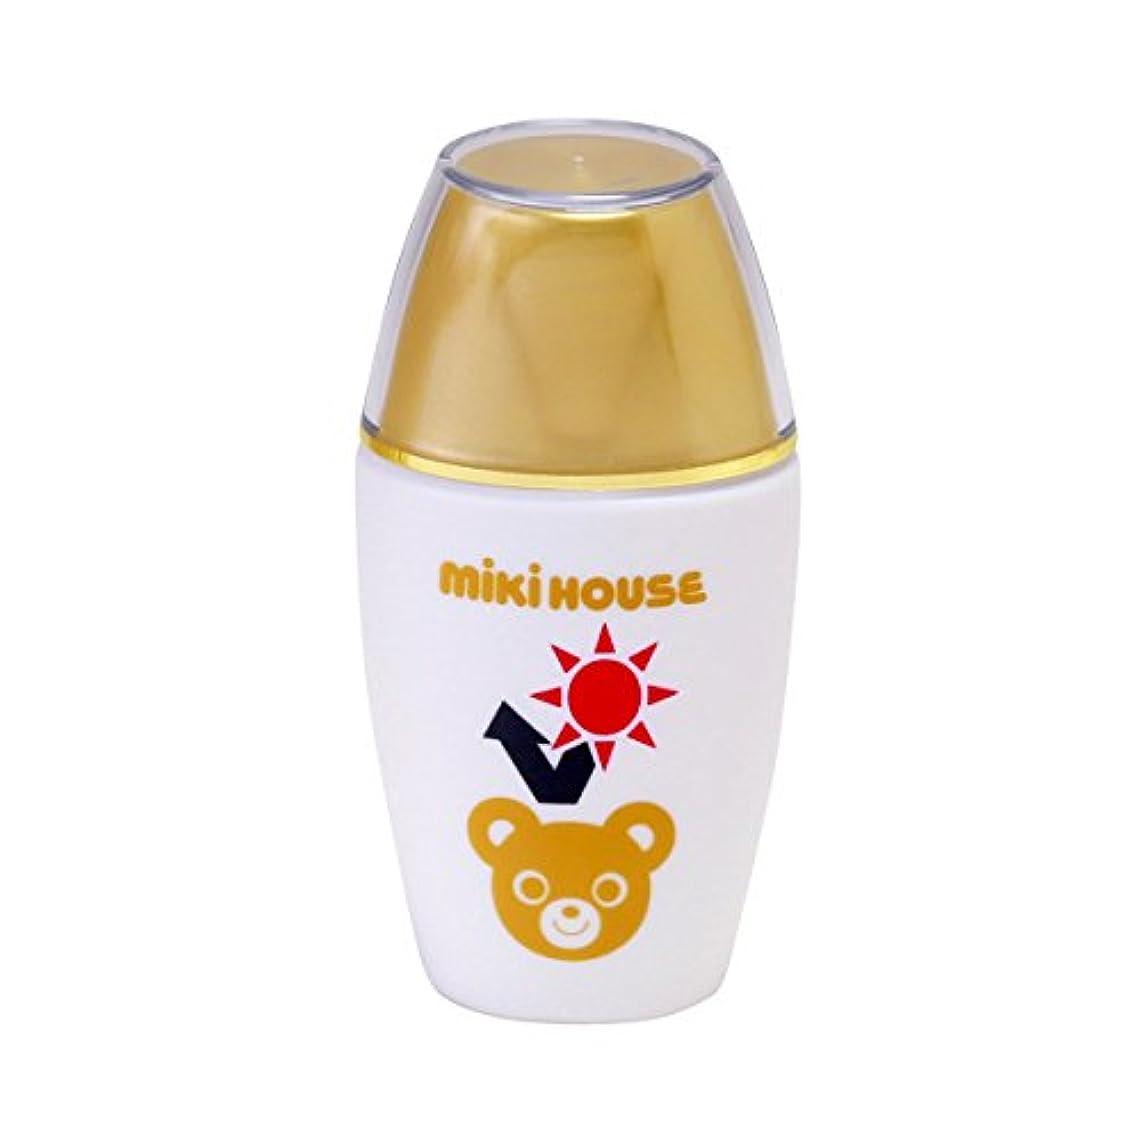 共感する平行上下するミキハウス (MIKIHOUSE) UVカットミルク 15-3050-787 - -